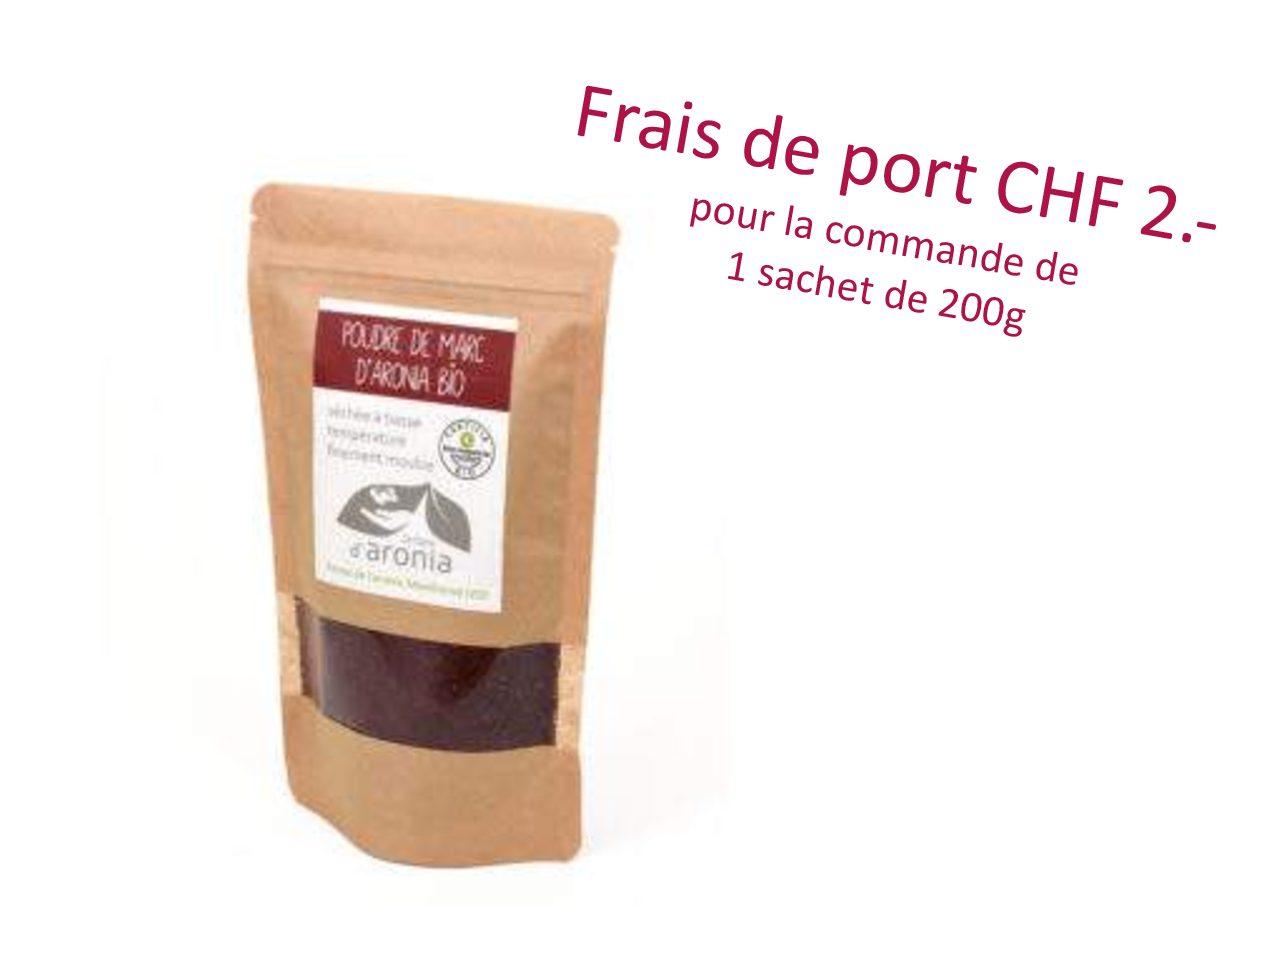 Poudre de marc d'aronia,  200 g